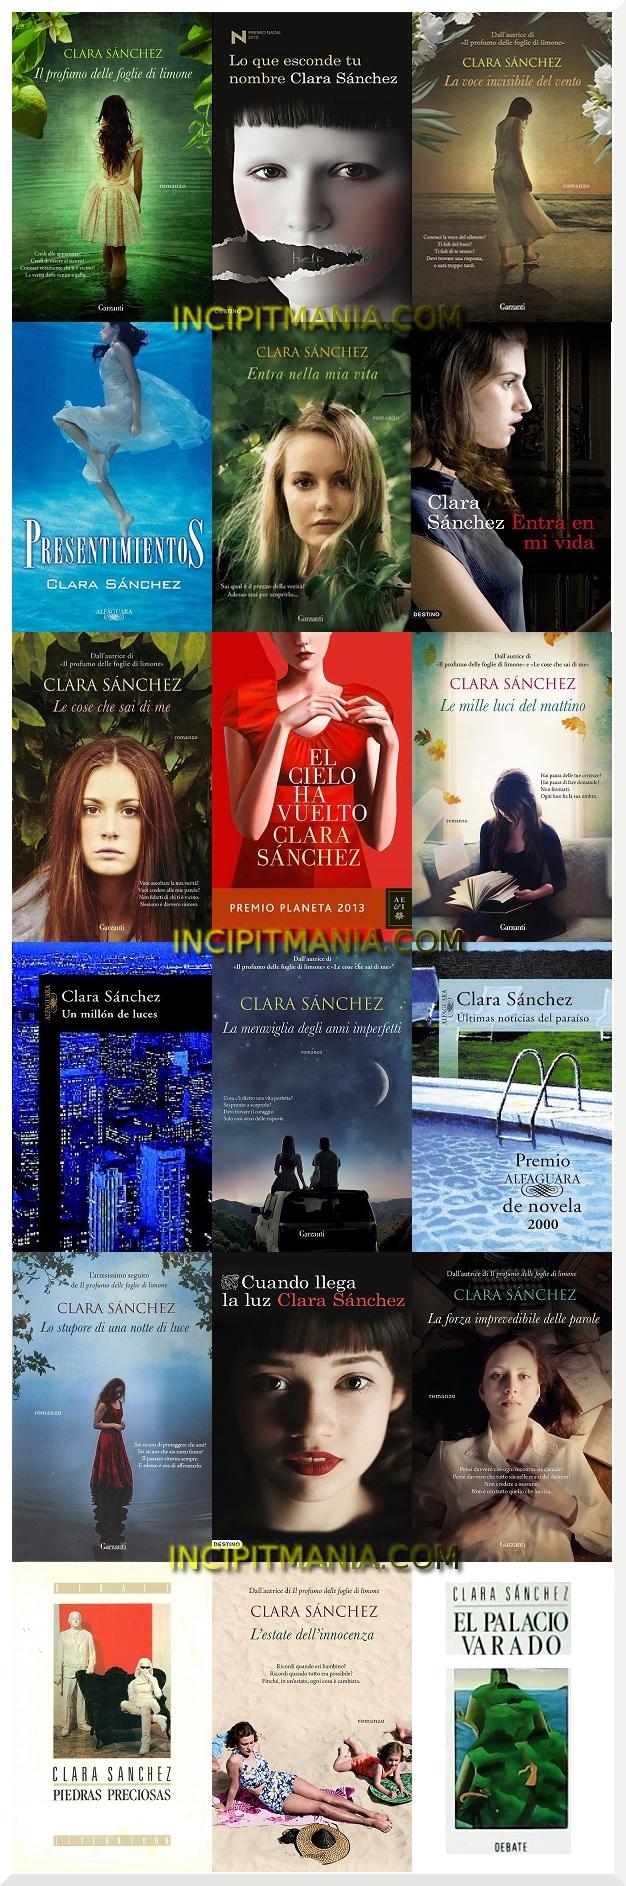 Copertine delle opere di Clara Sánchez